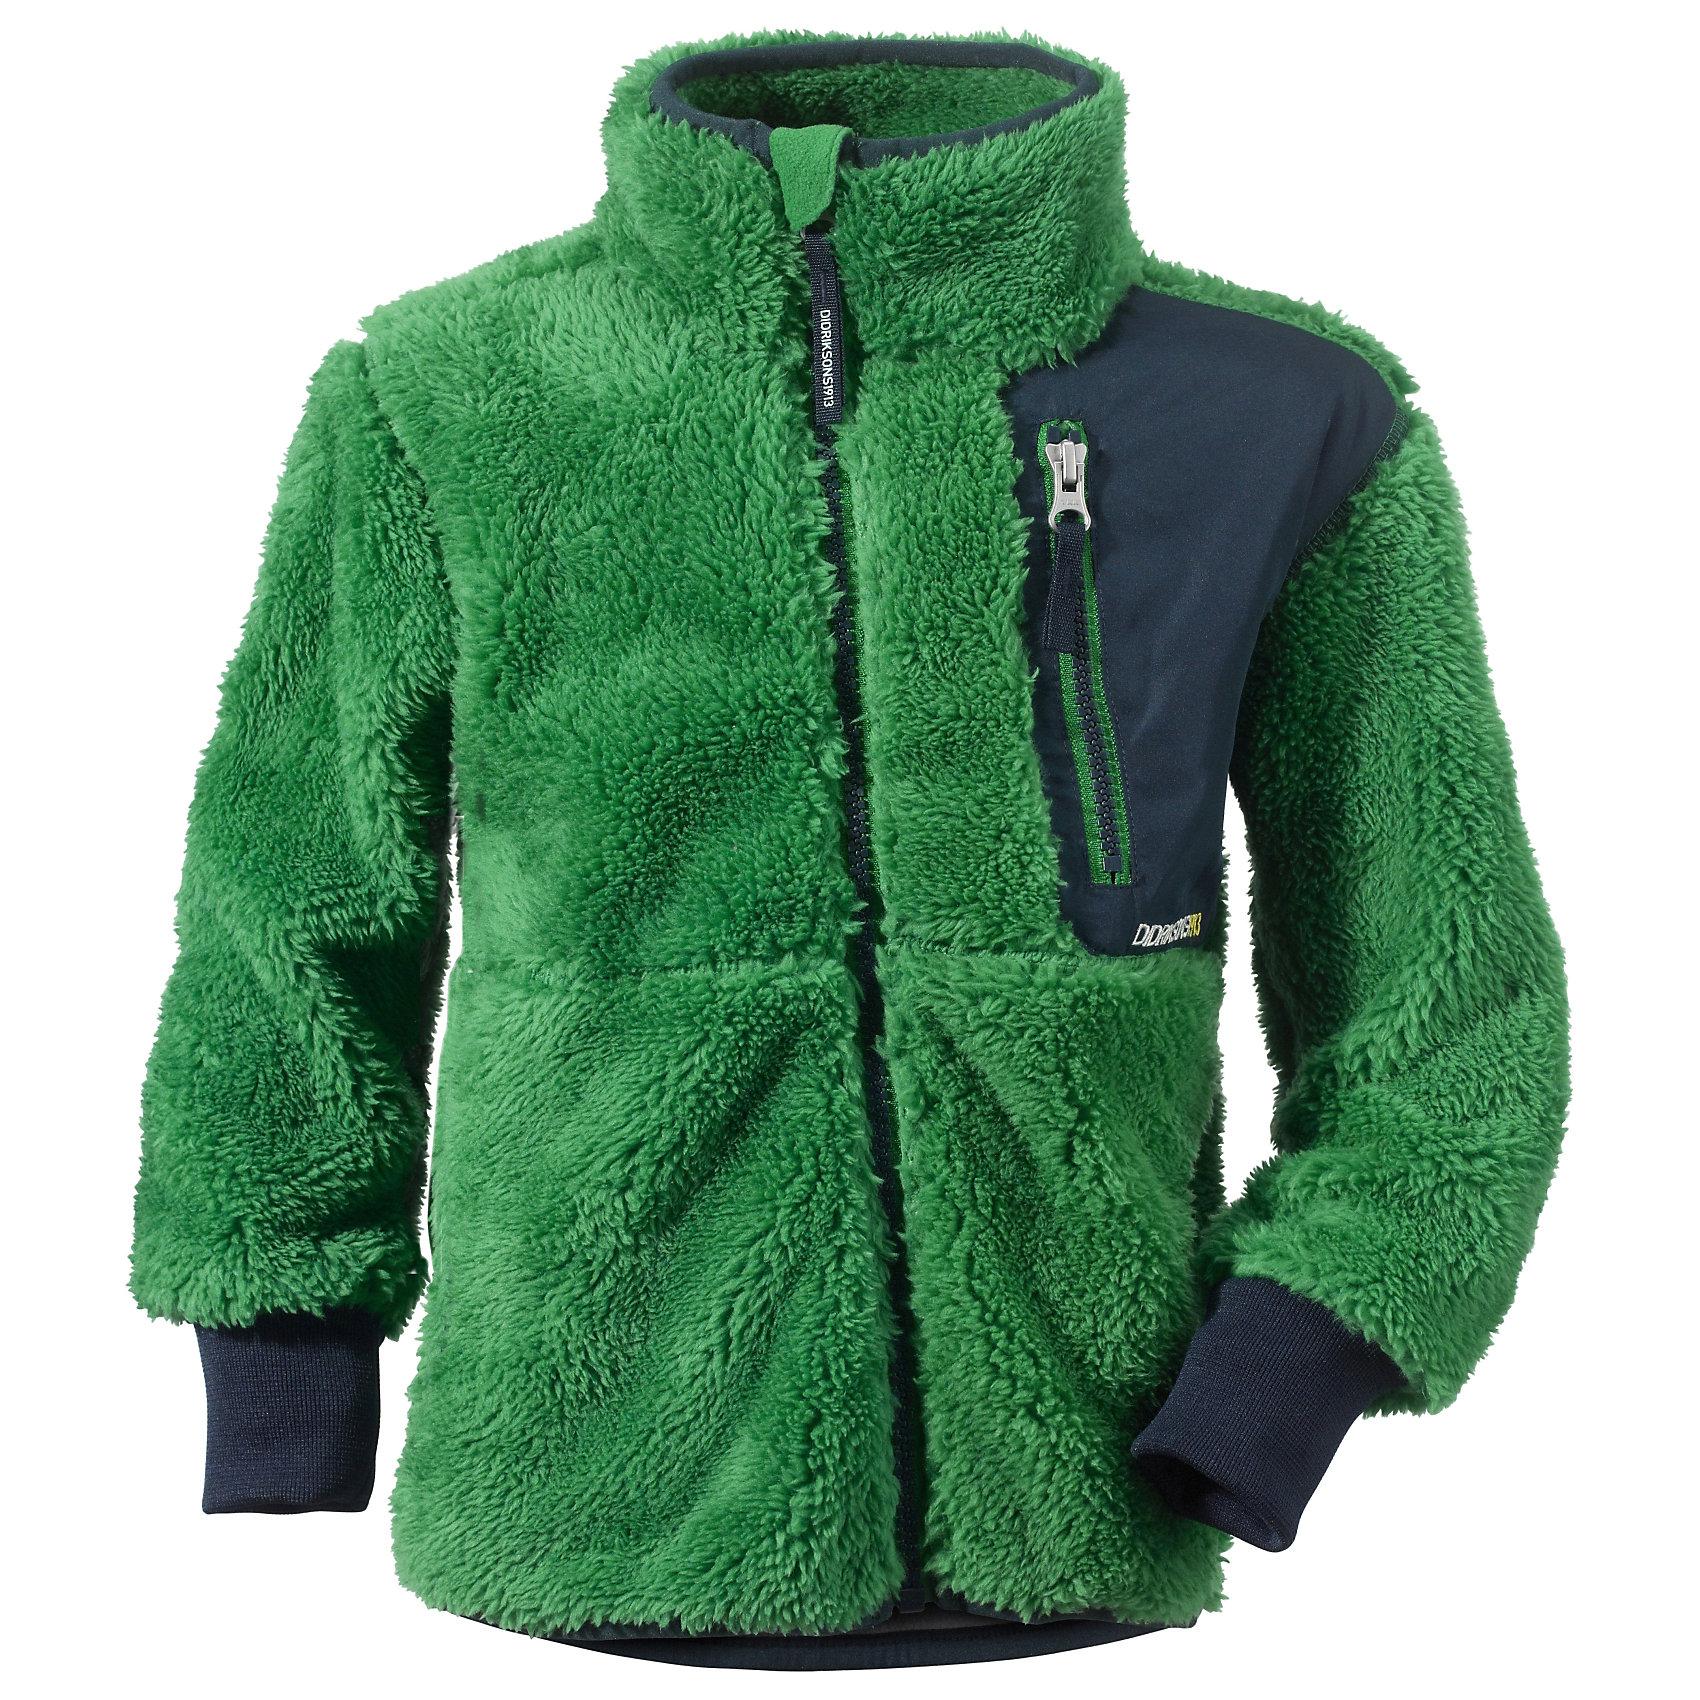 Толстовка флисовая Ciqala DIDRIKSONSТолстовки<br>Характеристики товара:<br><br>• цвет: зеленый<br>• материал: 100% полиэстер<br>• флис<br>• длинные рукава<br>• манжеты<br>• карман на груди<br>• ассиметричная фронтальная молния<br>• страна бренда: Швеция<br>• страна производства: Китай<br><br>Такие мягкие кофты сейчас очень популярны у детей! Это не только стильно, но еще и очень комфортно, а также тепло. Такая качественная кофта обеспечит ребенку удобство при прогулках и активном отдыхе в прохладные дне, в межсезонье или зимой. Такая модель от шведского производителя легко стирается, подходит под разные погодные условия.<br>Кофта сшита из качественной мягкой ткани, которая позволяет телу дышать, она очень приятна на ощупь. Очень стильная и удобная модель! Изделие качественно выполнено, сделано из безопасных для детей материалов. <br><br>Куртку от бренда DIDRIKSONS можно купить в нашем интернет-магазине.<br><br>Ширина мм: 356<br>Глубина мм: 10<br>Высота мм: 245<br>Вес г: 519<br>Цвет: зеленый<br>Возраст от месяцев: 12<br>Возраст до месяцев: 15<br>Пол: Унисекс<br>Возраст: Детский<br>Размер: 80,110,100,90,130,140,120<br>SKU: 5043835